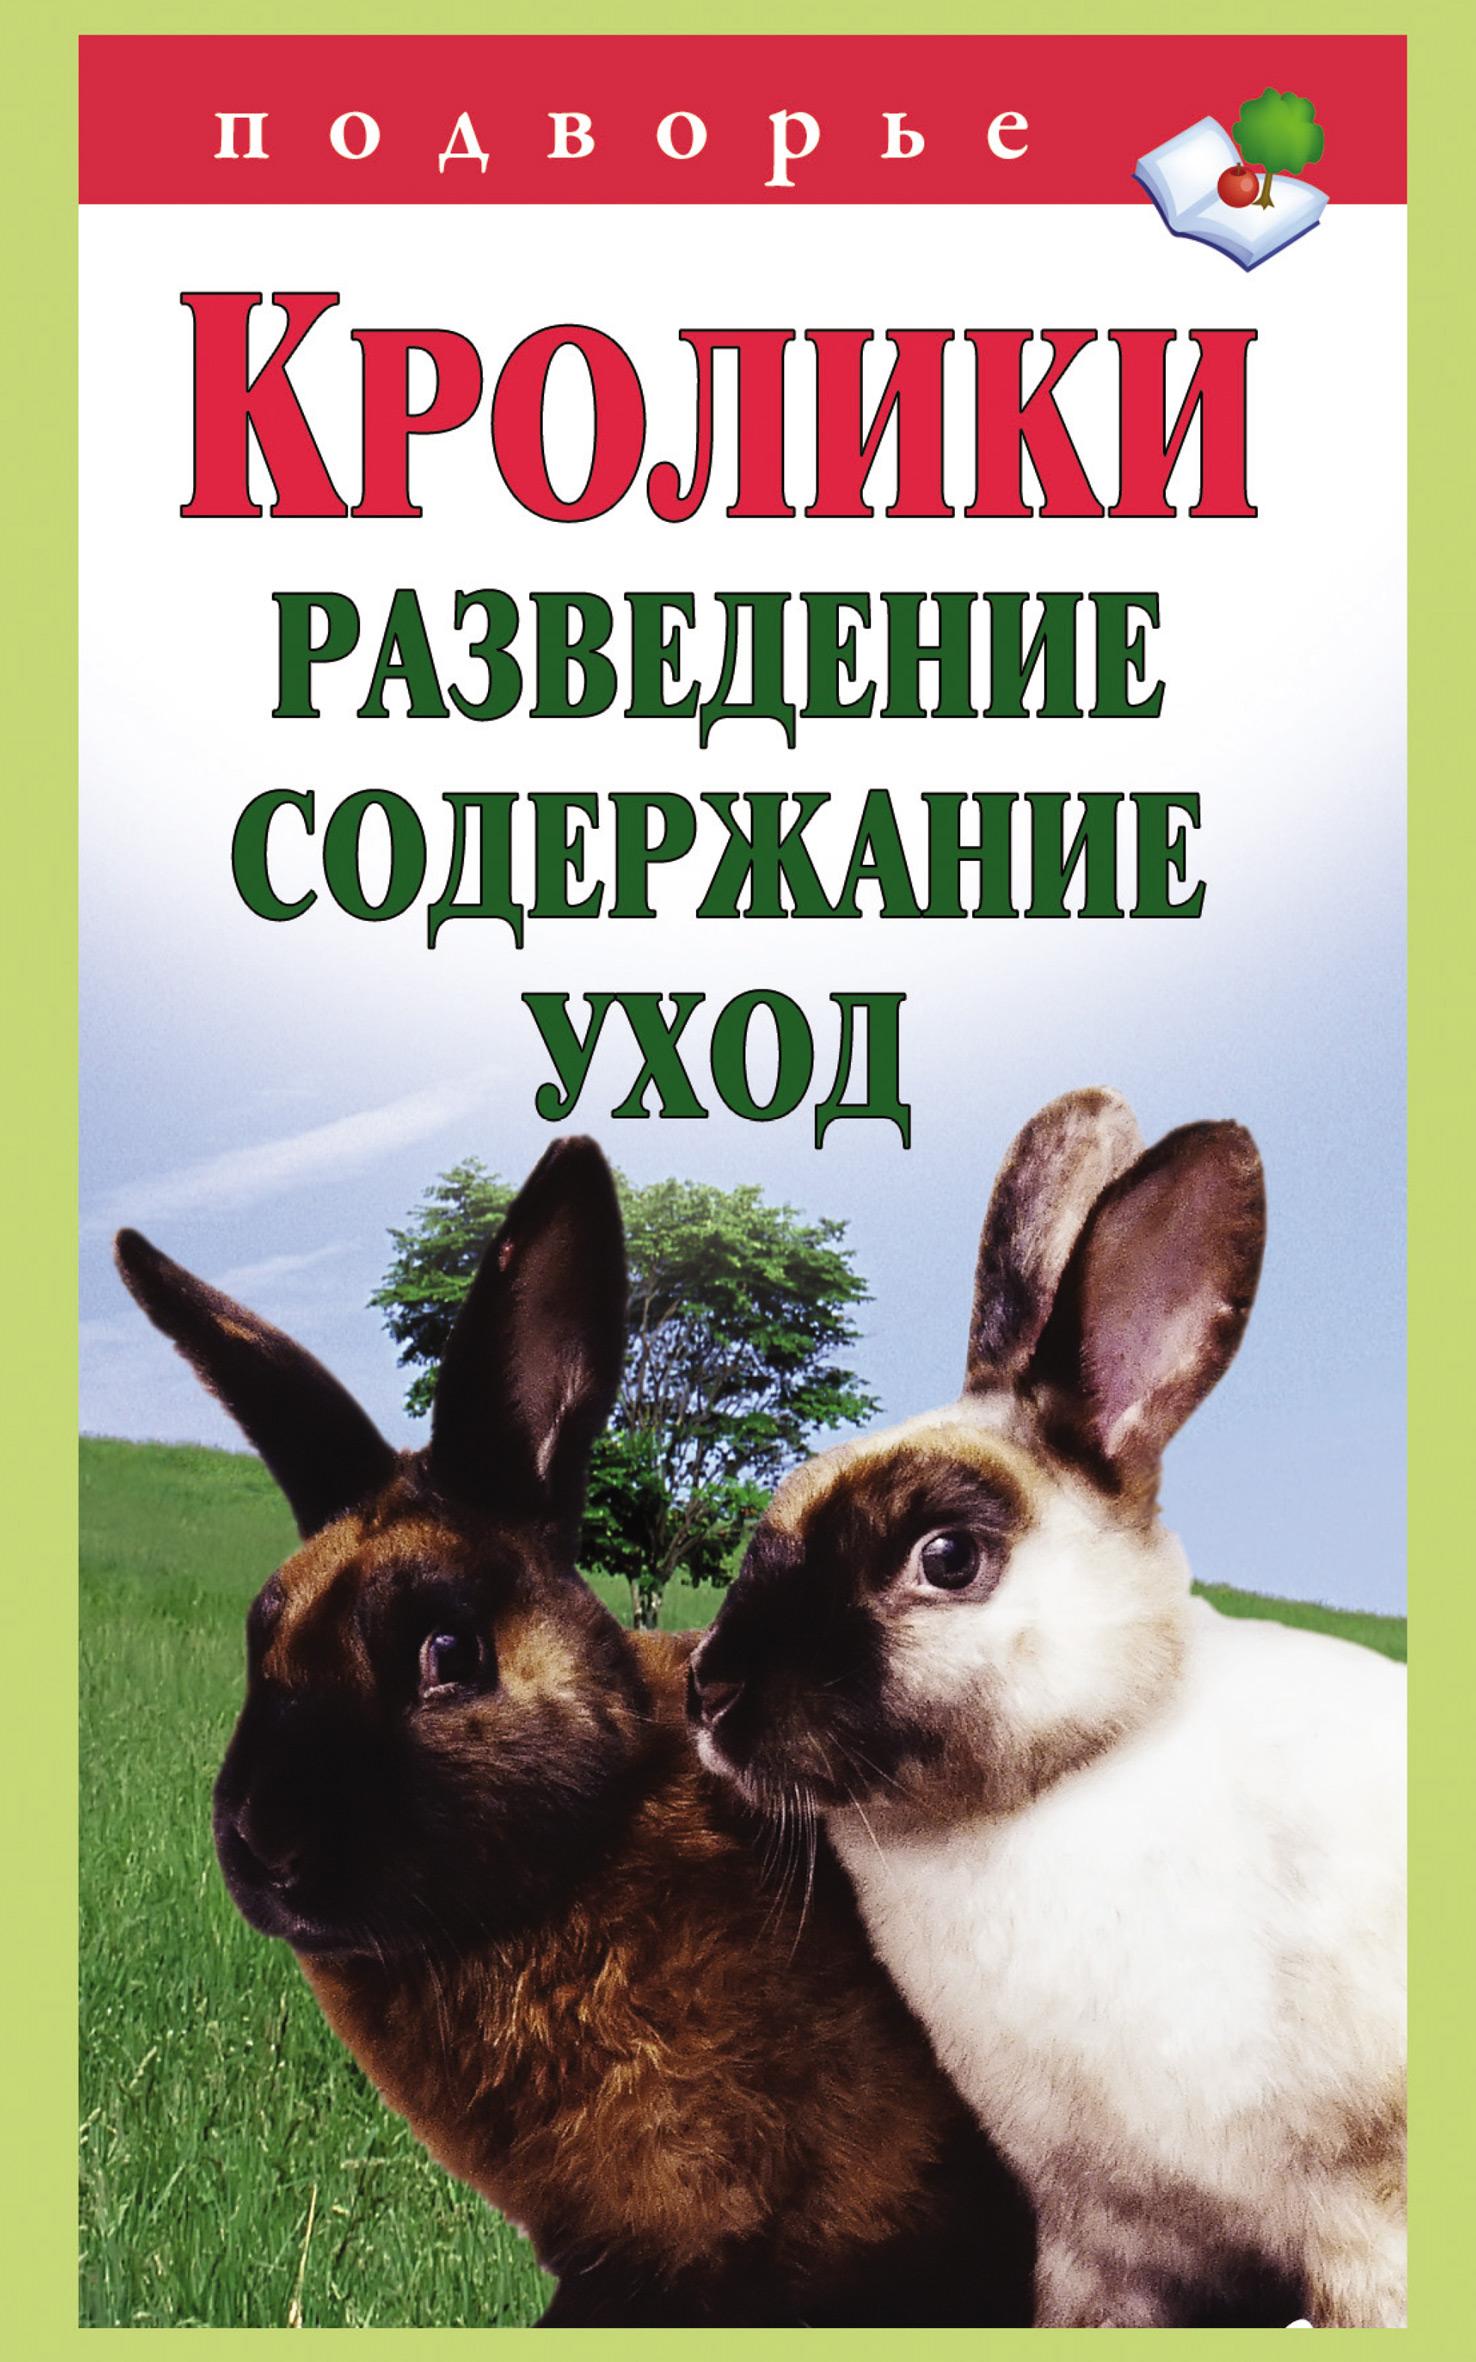 Виктор Горбунов Кролики: разведение, содержание, уход седов ю кролики разведение содержание уход